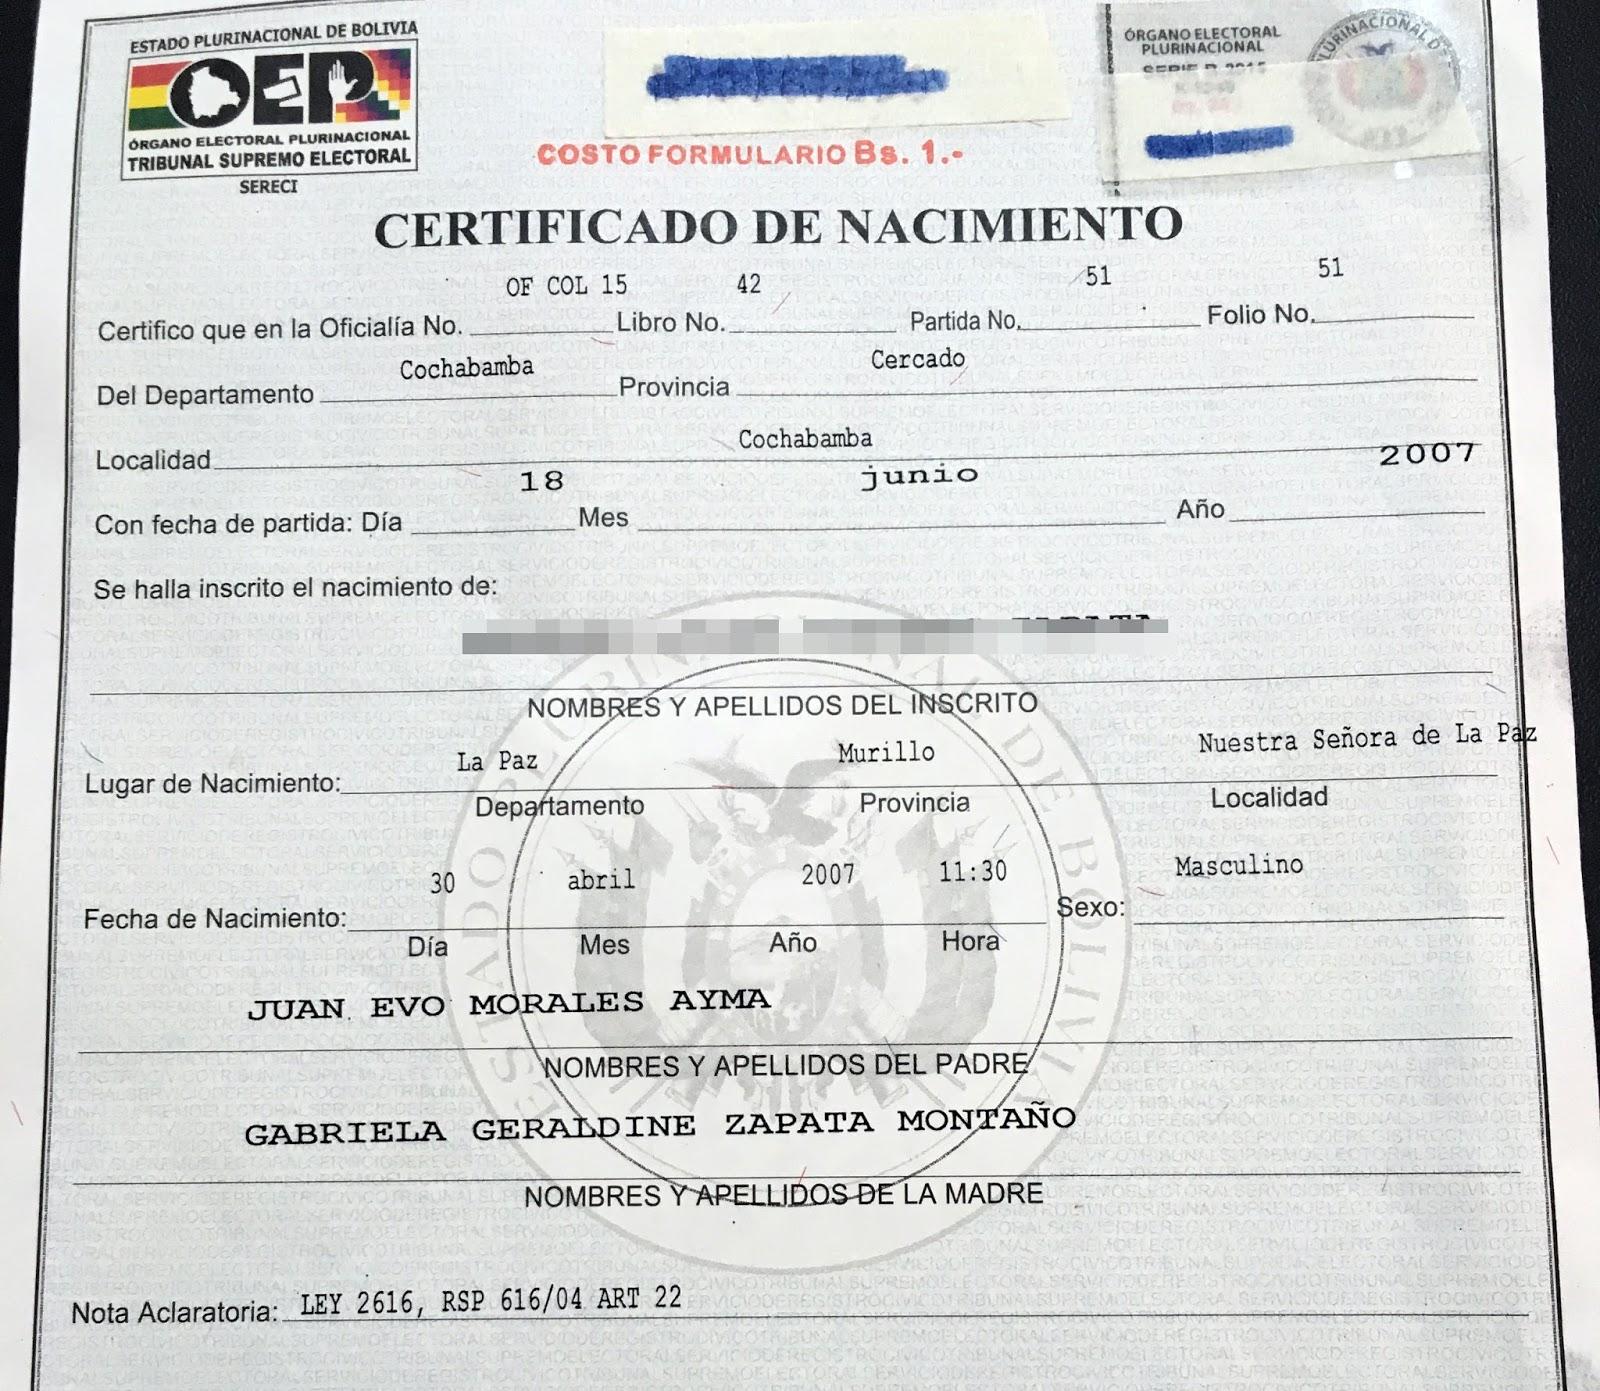 """ANBOLIVIA: EMPRESA QUE GERENTA """"MADRE DEL HIJO DE EVO"""" RECIBIÓ 7 ..."""